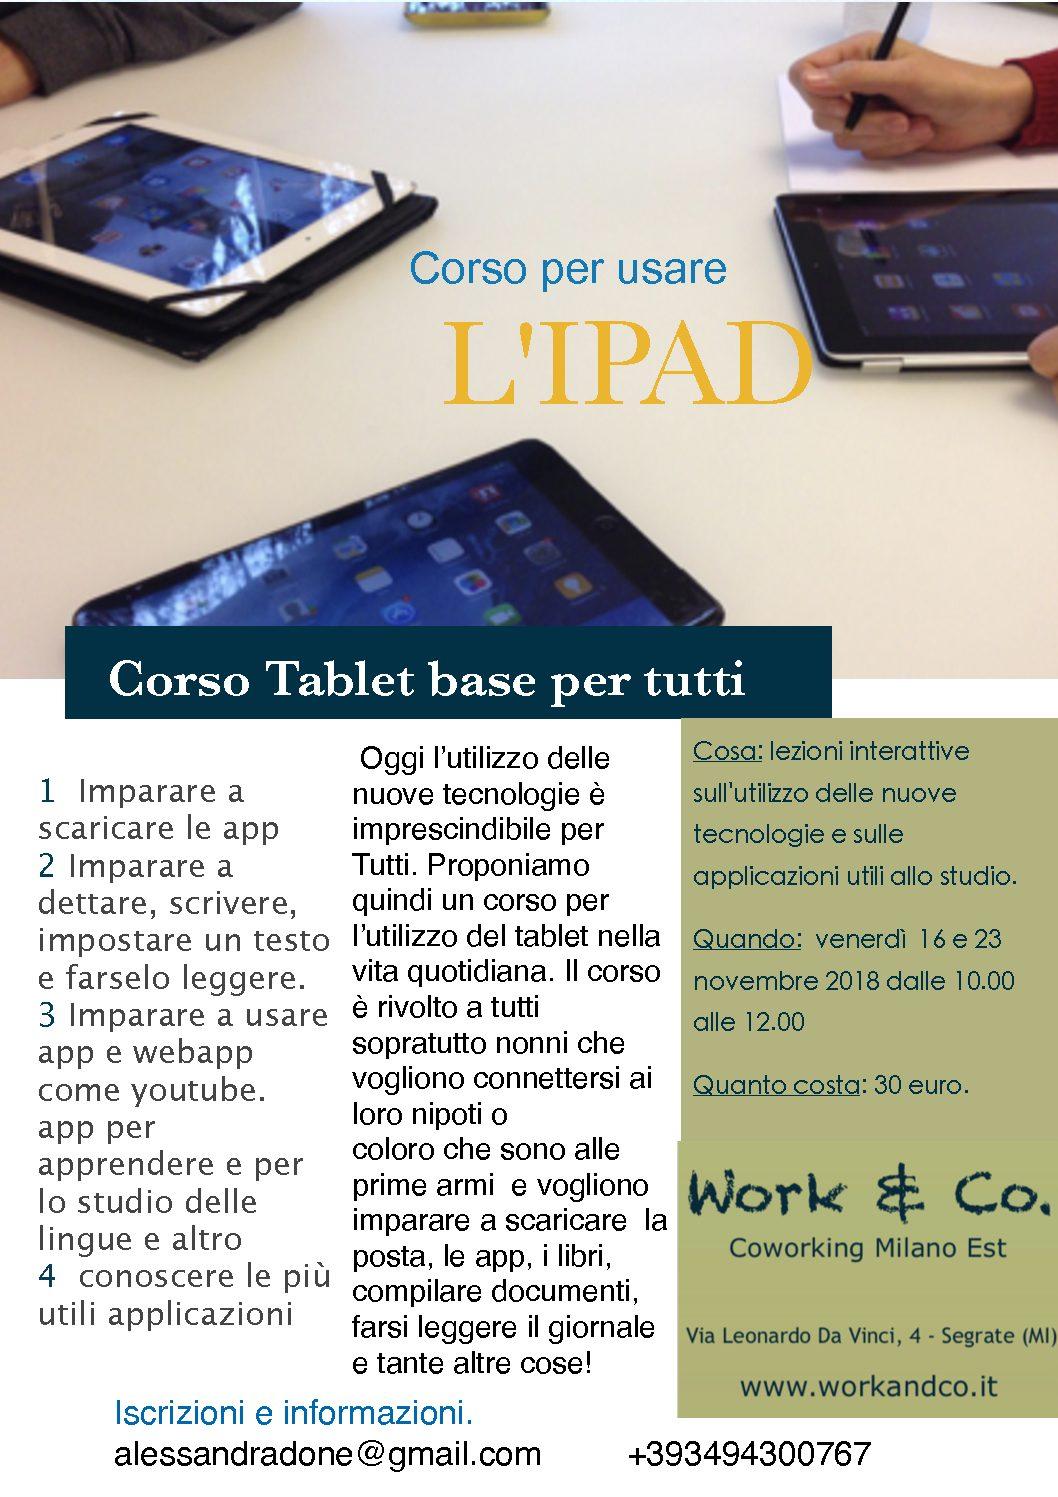 Corso tablet base per tutti